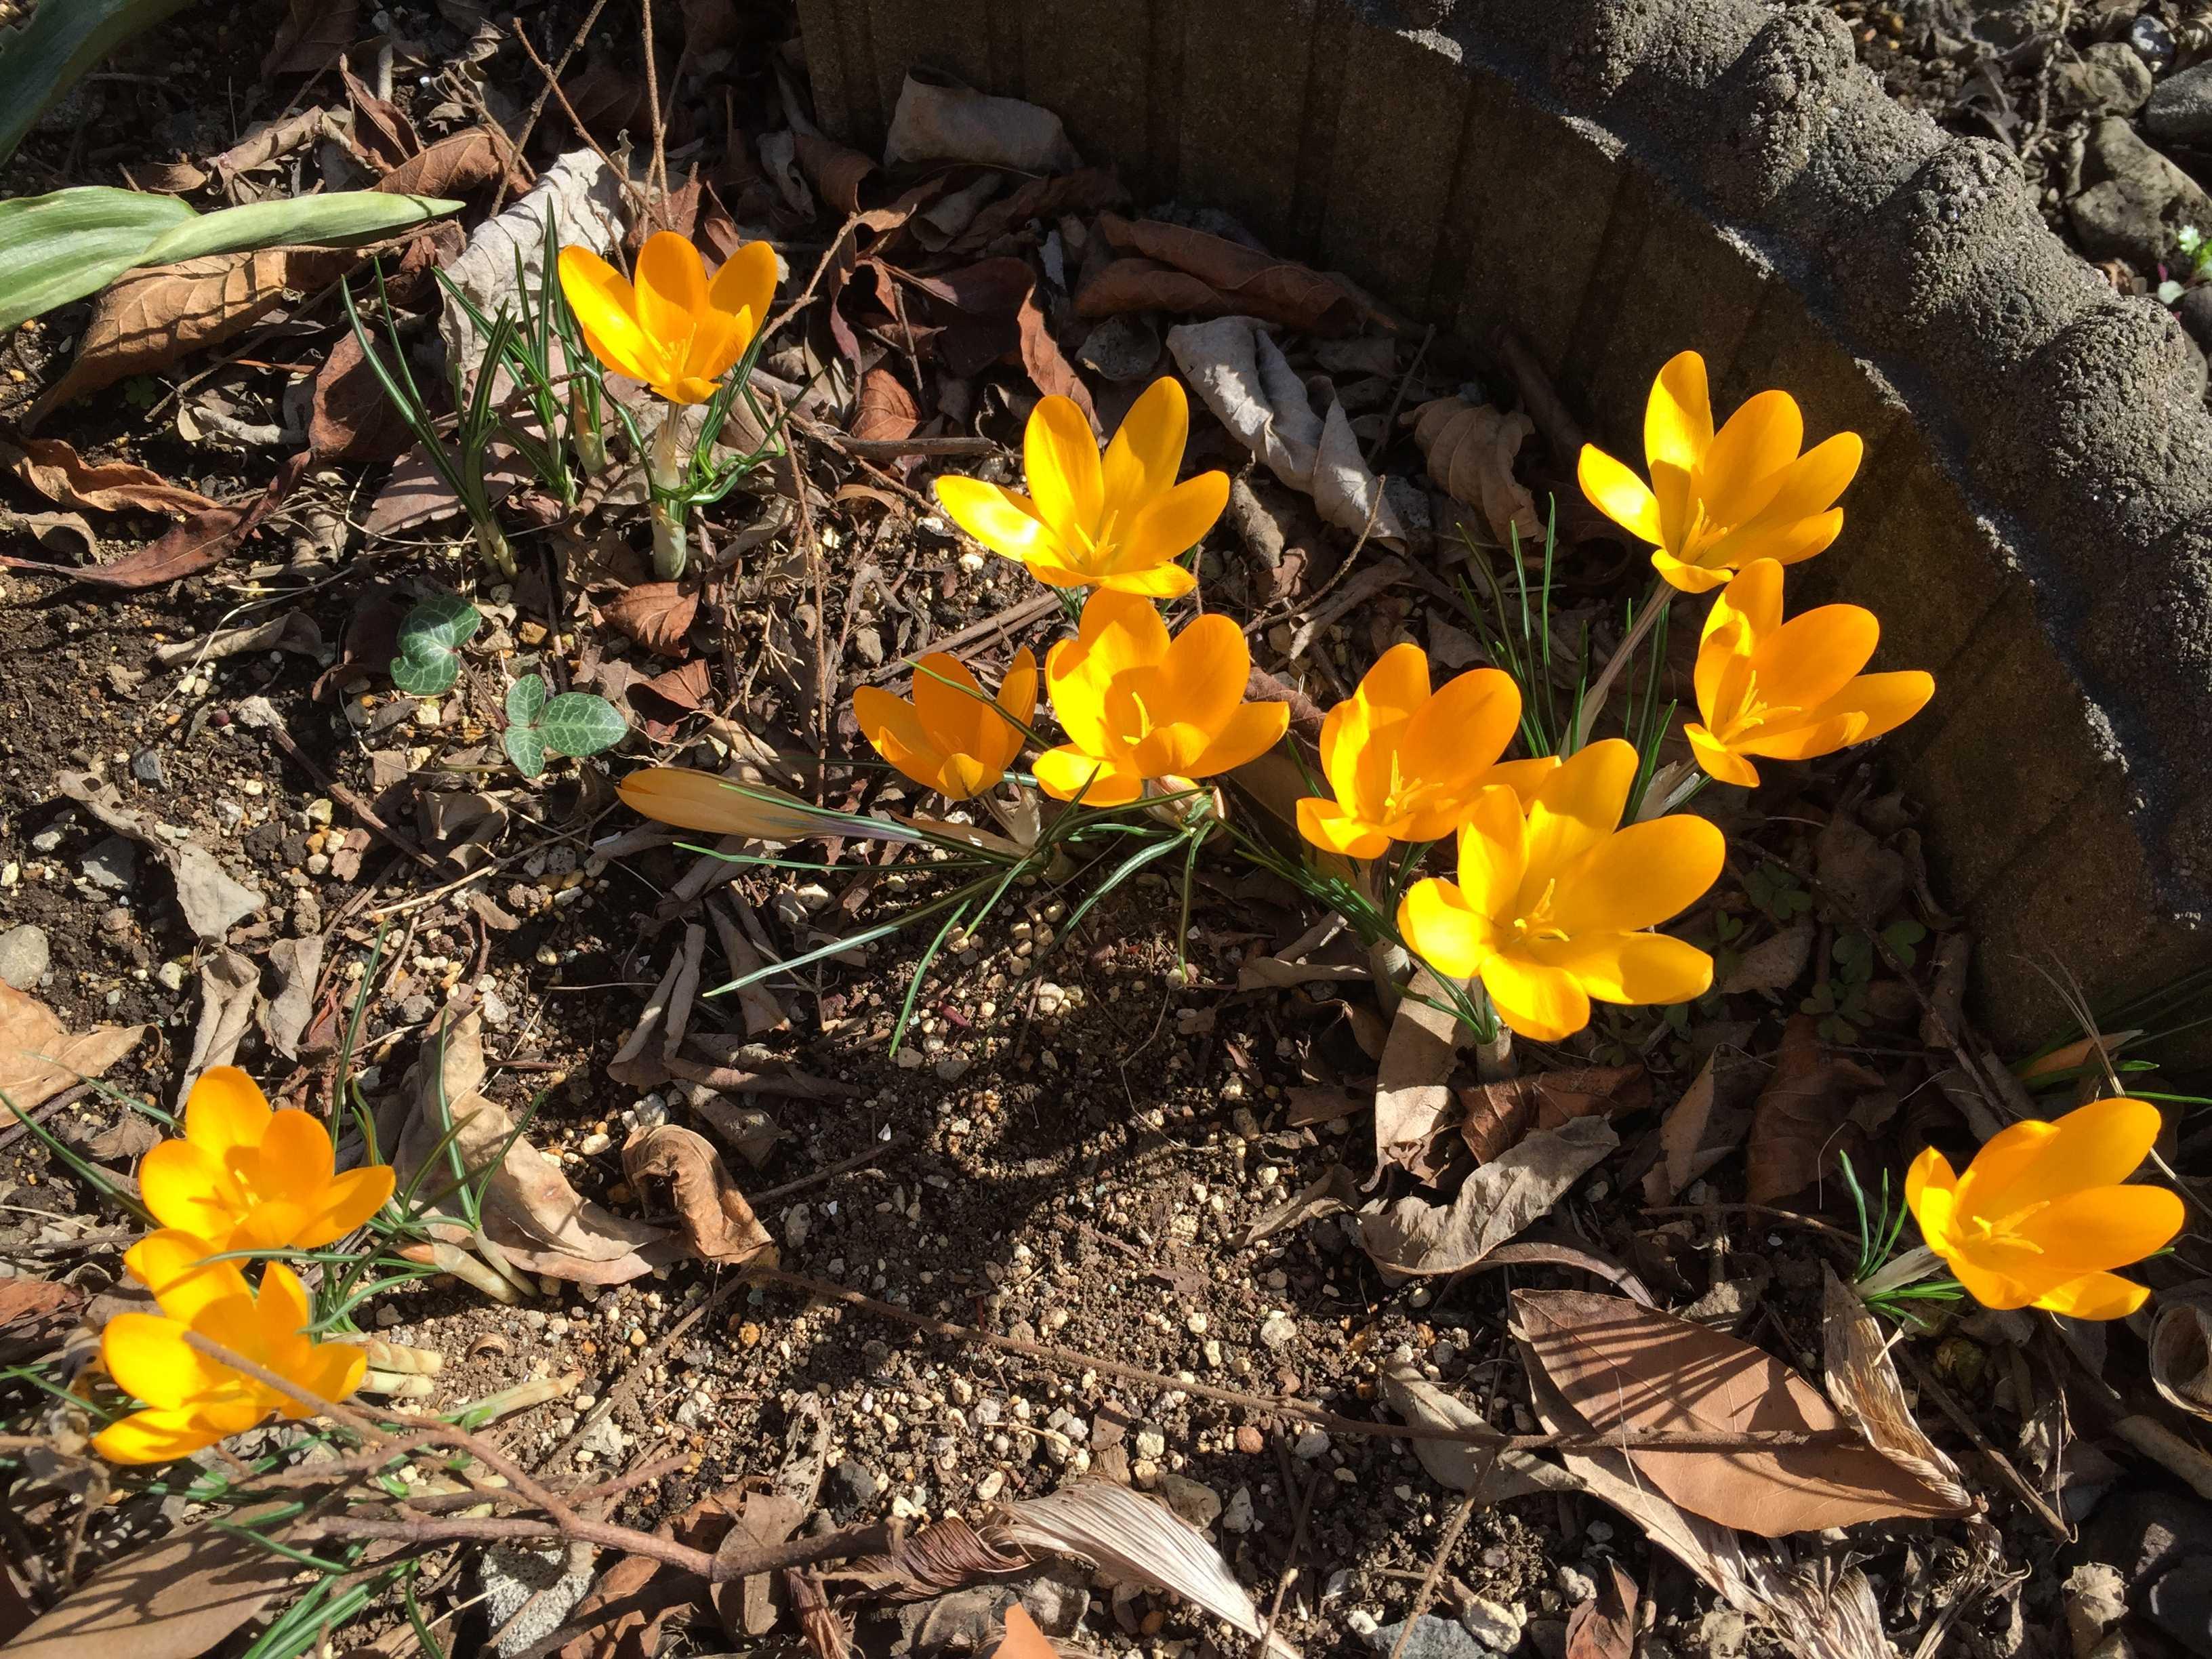 春告花 - 黄色いクロッカス